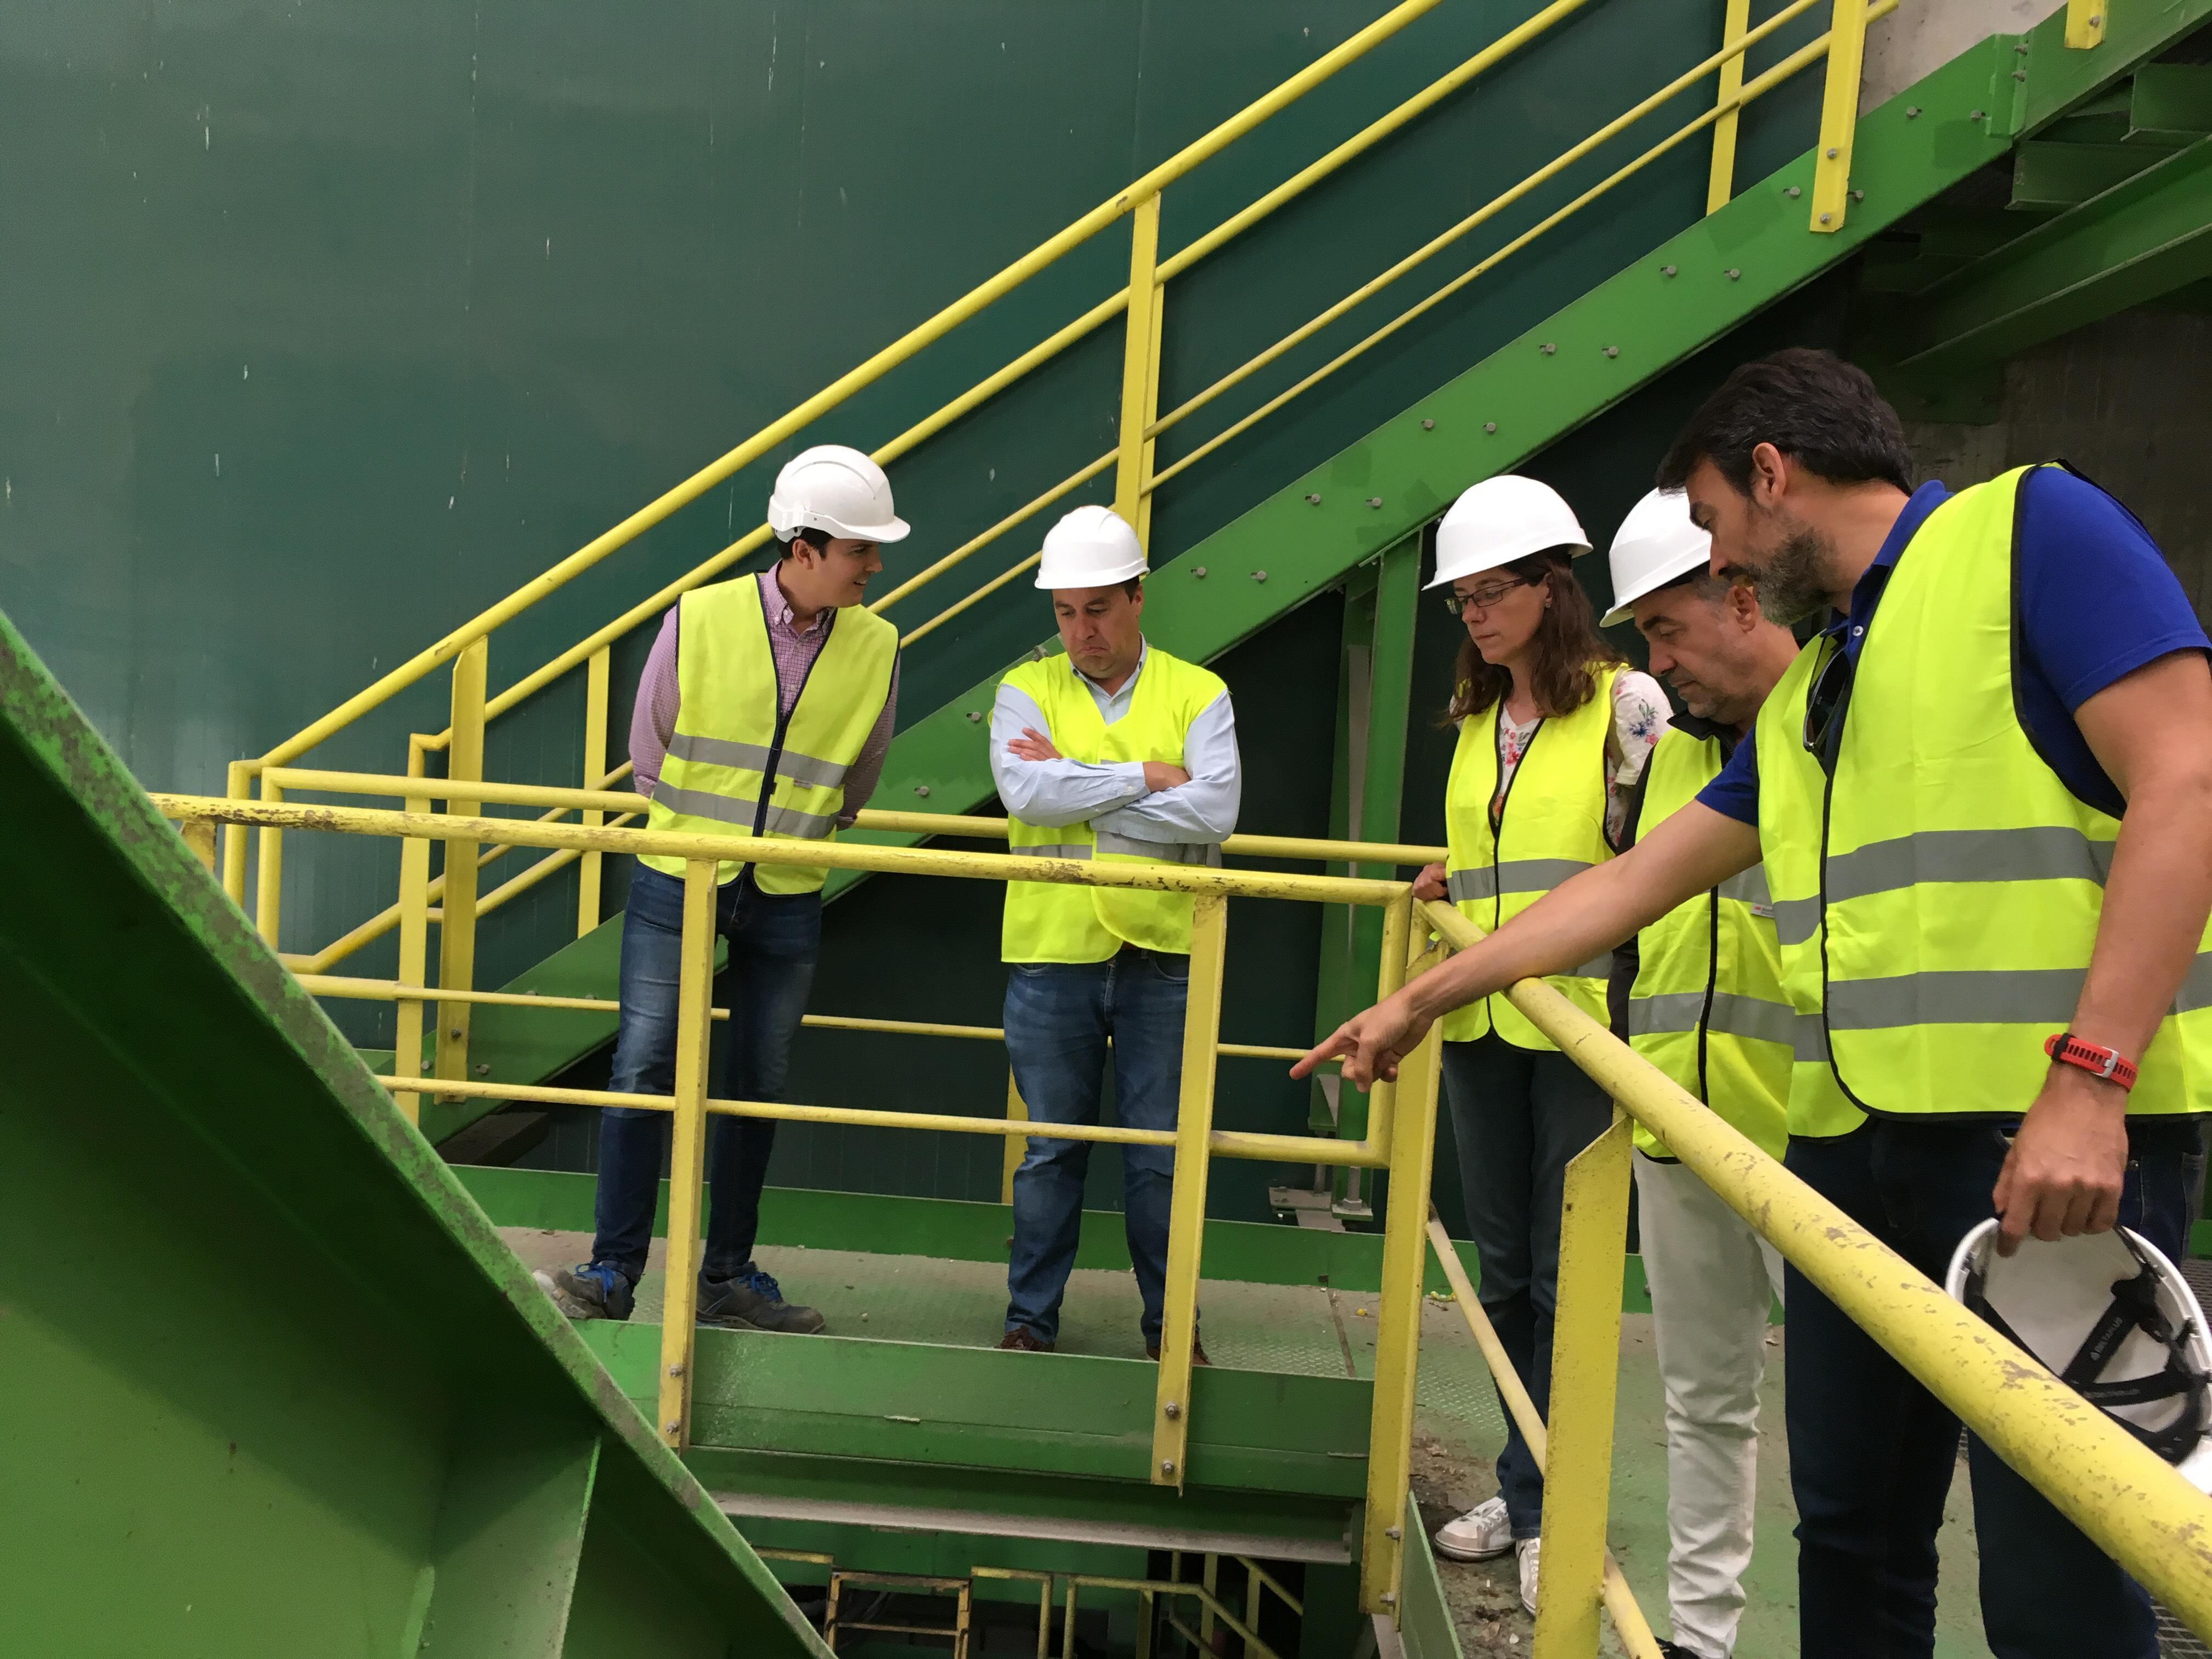 El gerente del CVI explica al presidente de Greenpeace el funcionamiento de la maquinaria de la planta.